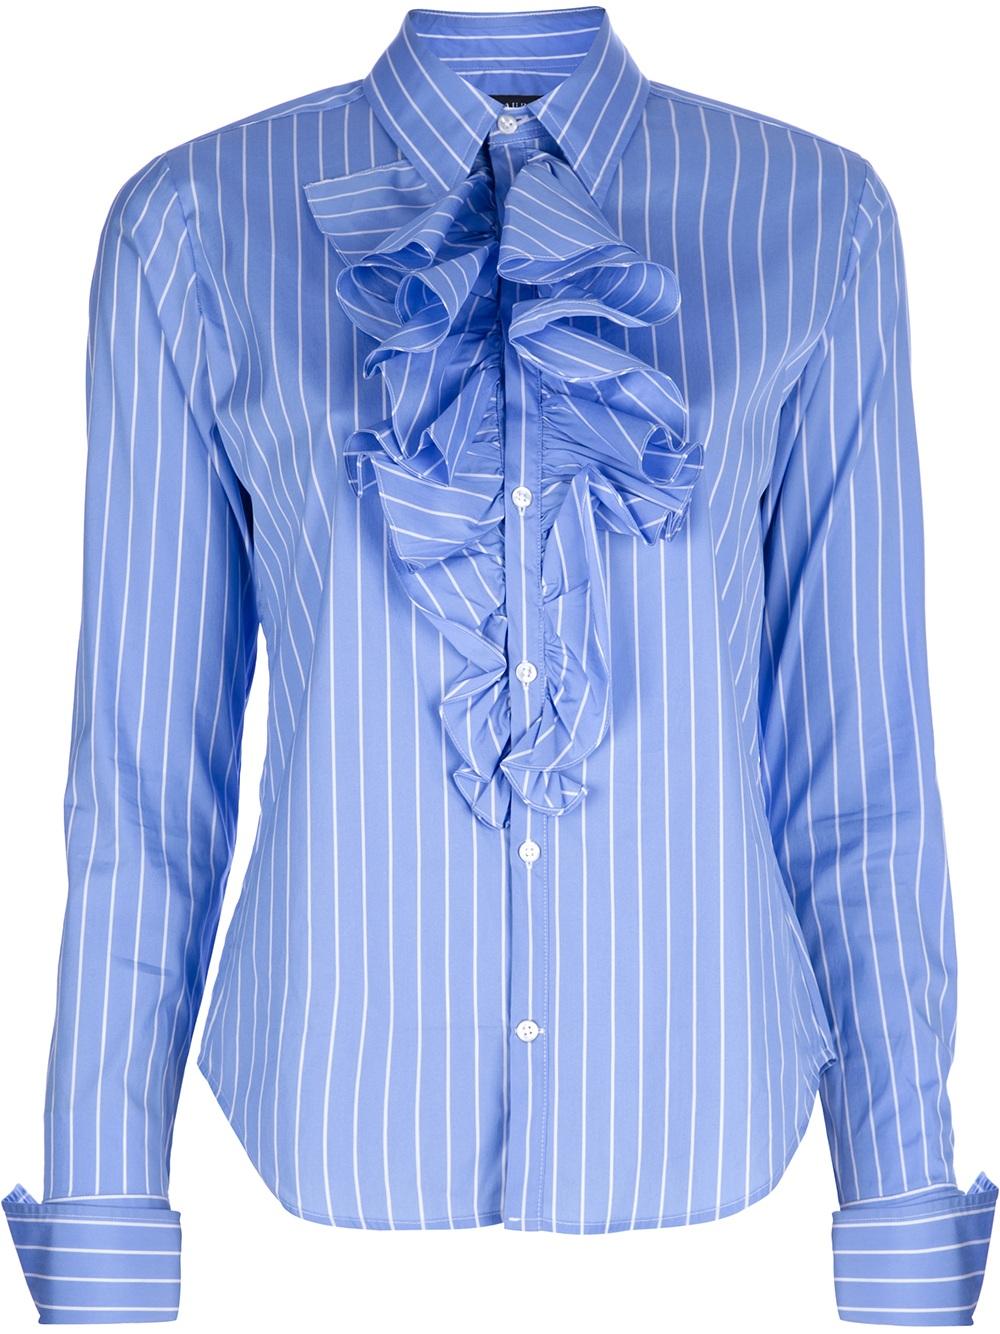 78bbbd3b1c6dd9 Ralph Lauren Ruffle Front Shirt in Blue - Lyst